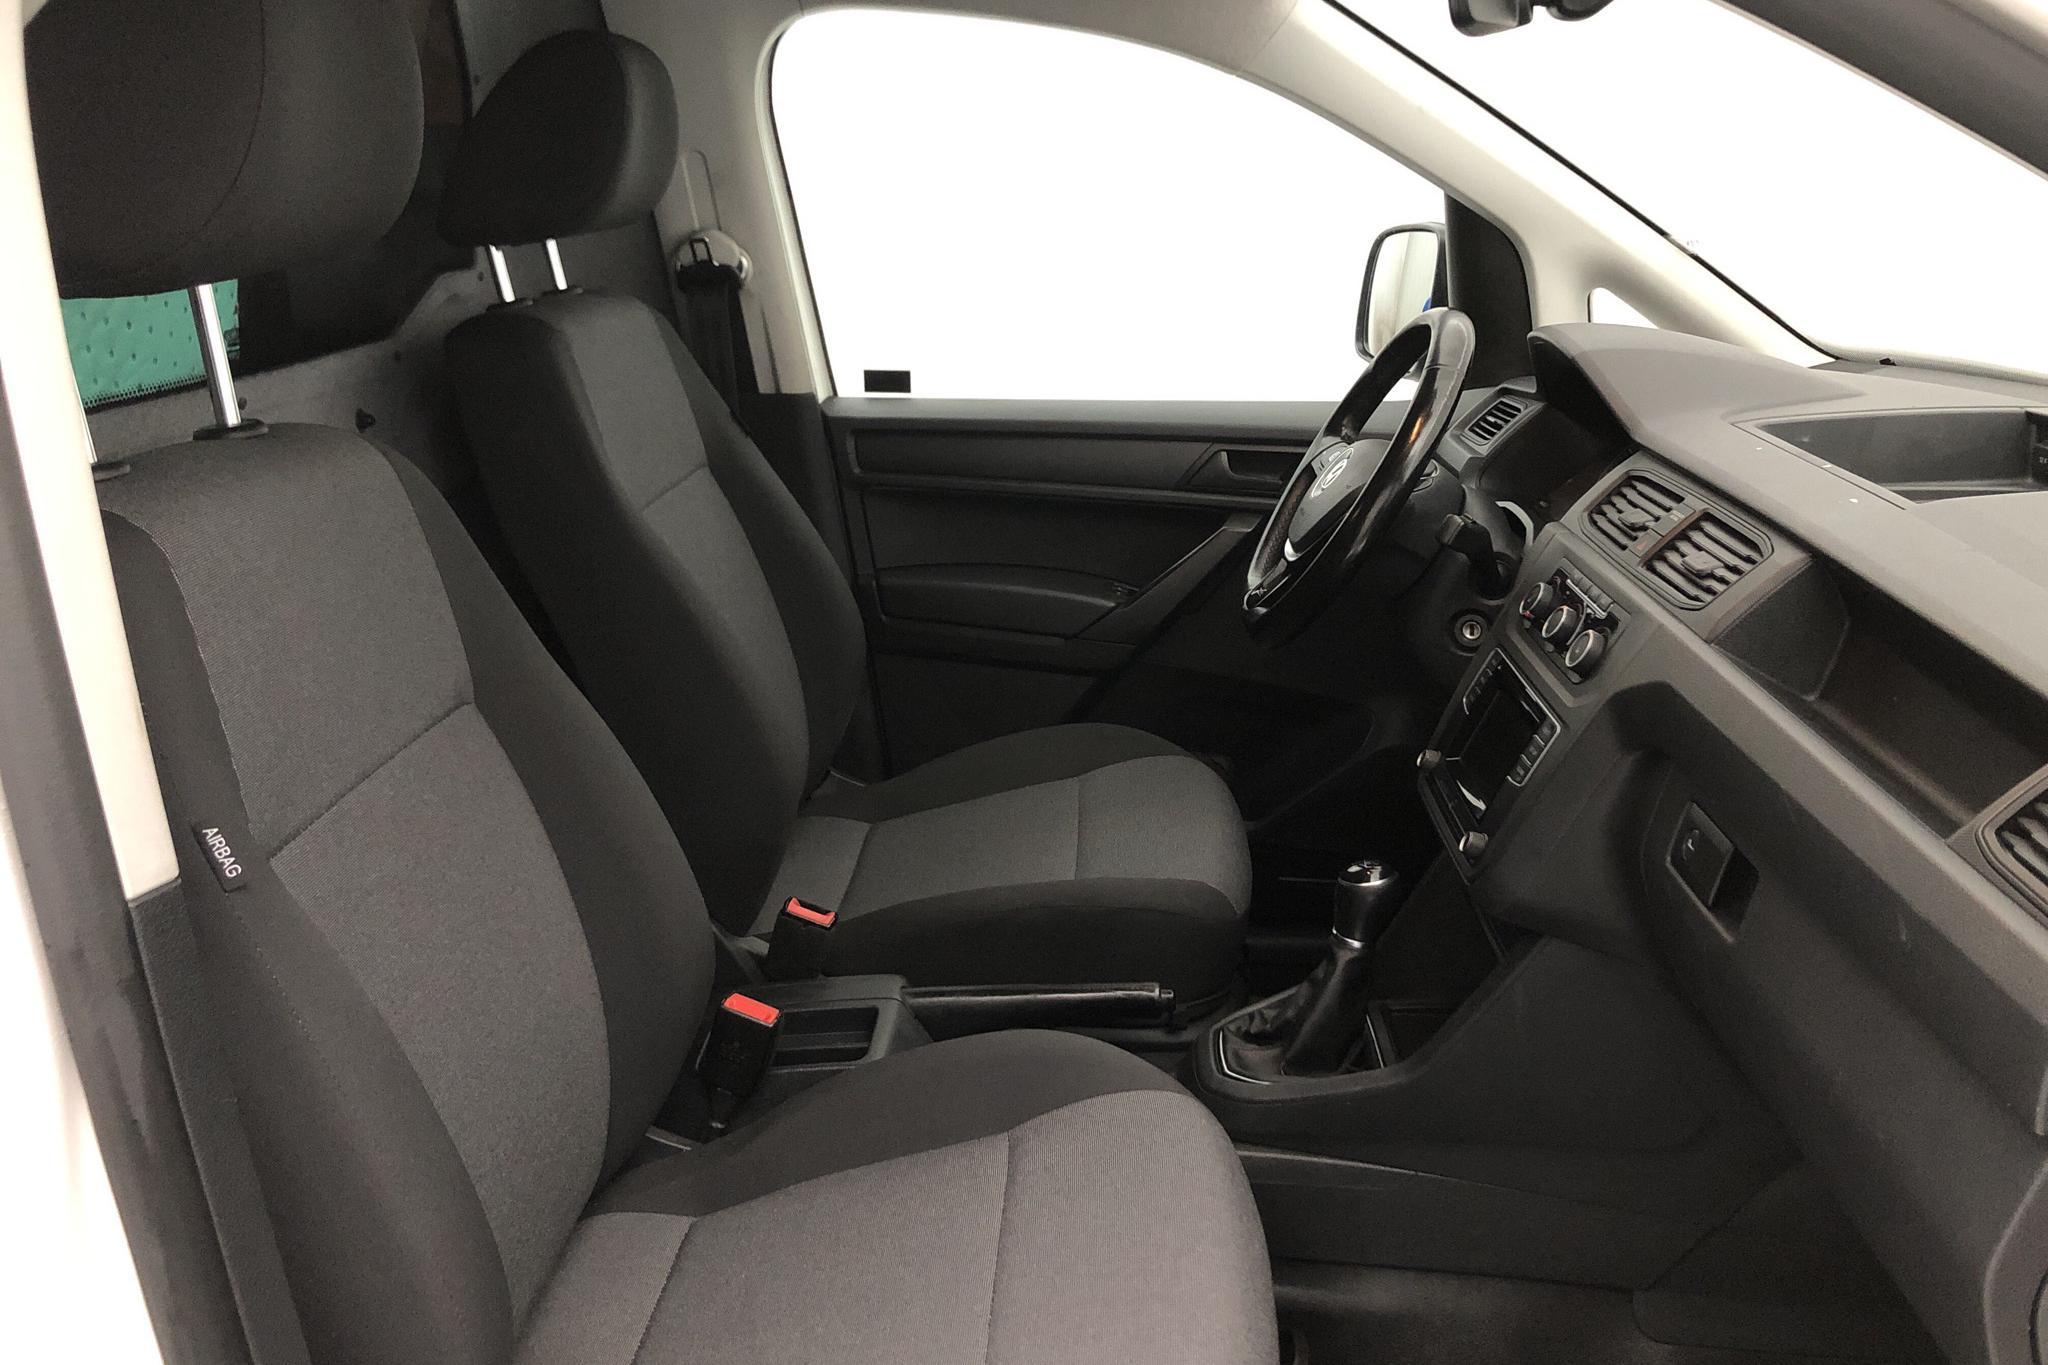 VW Caddy 2.0 TDI Maxi Skåp (102hk) - 209 380 km - Manual - white - 2016